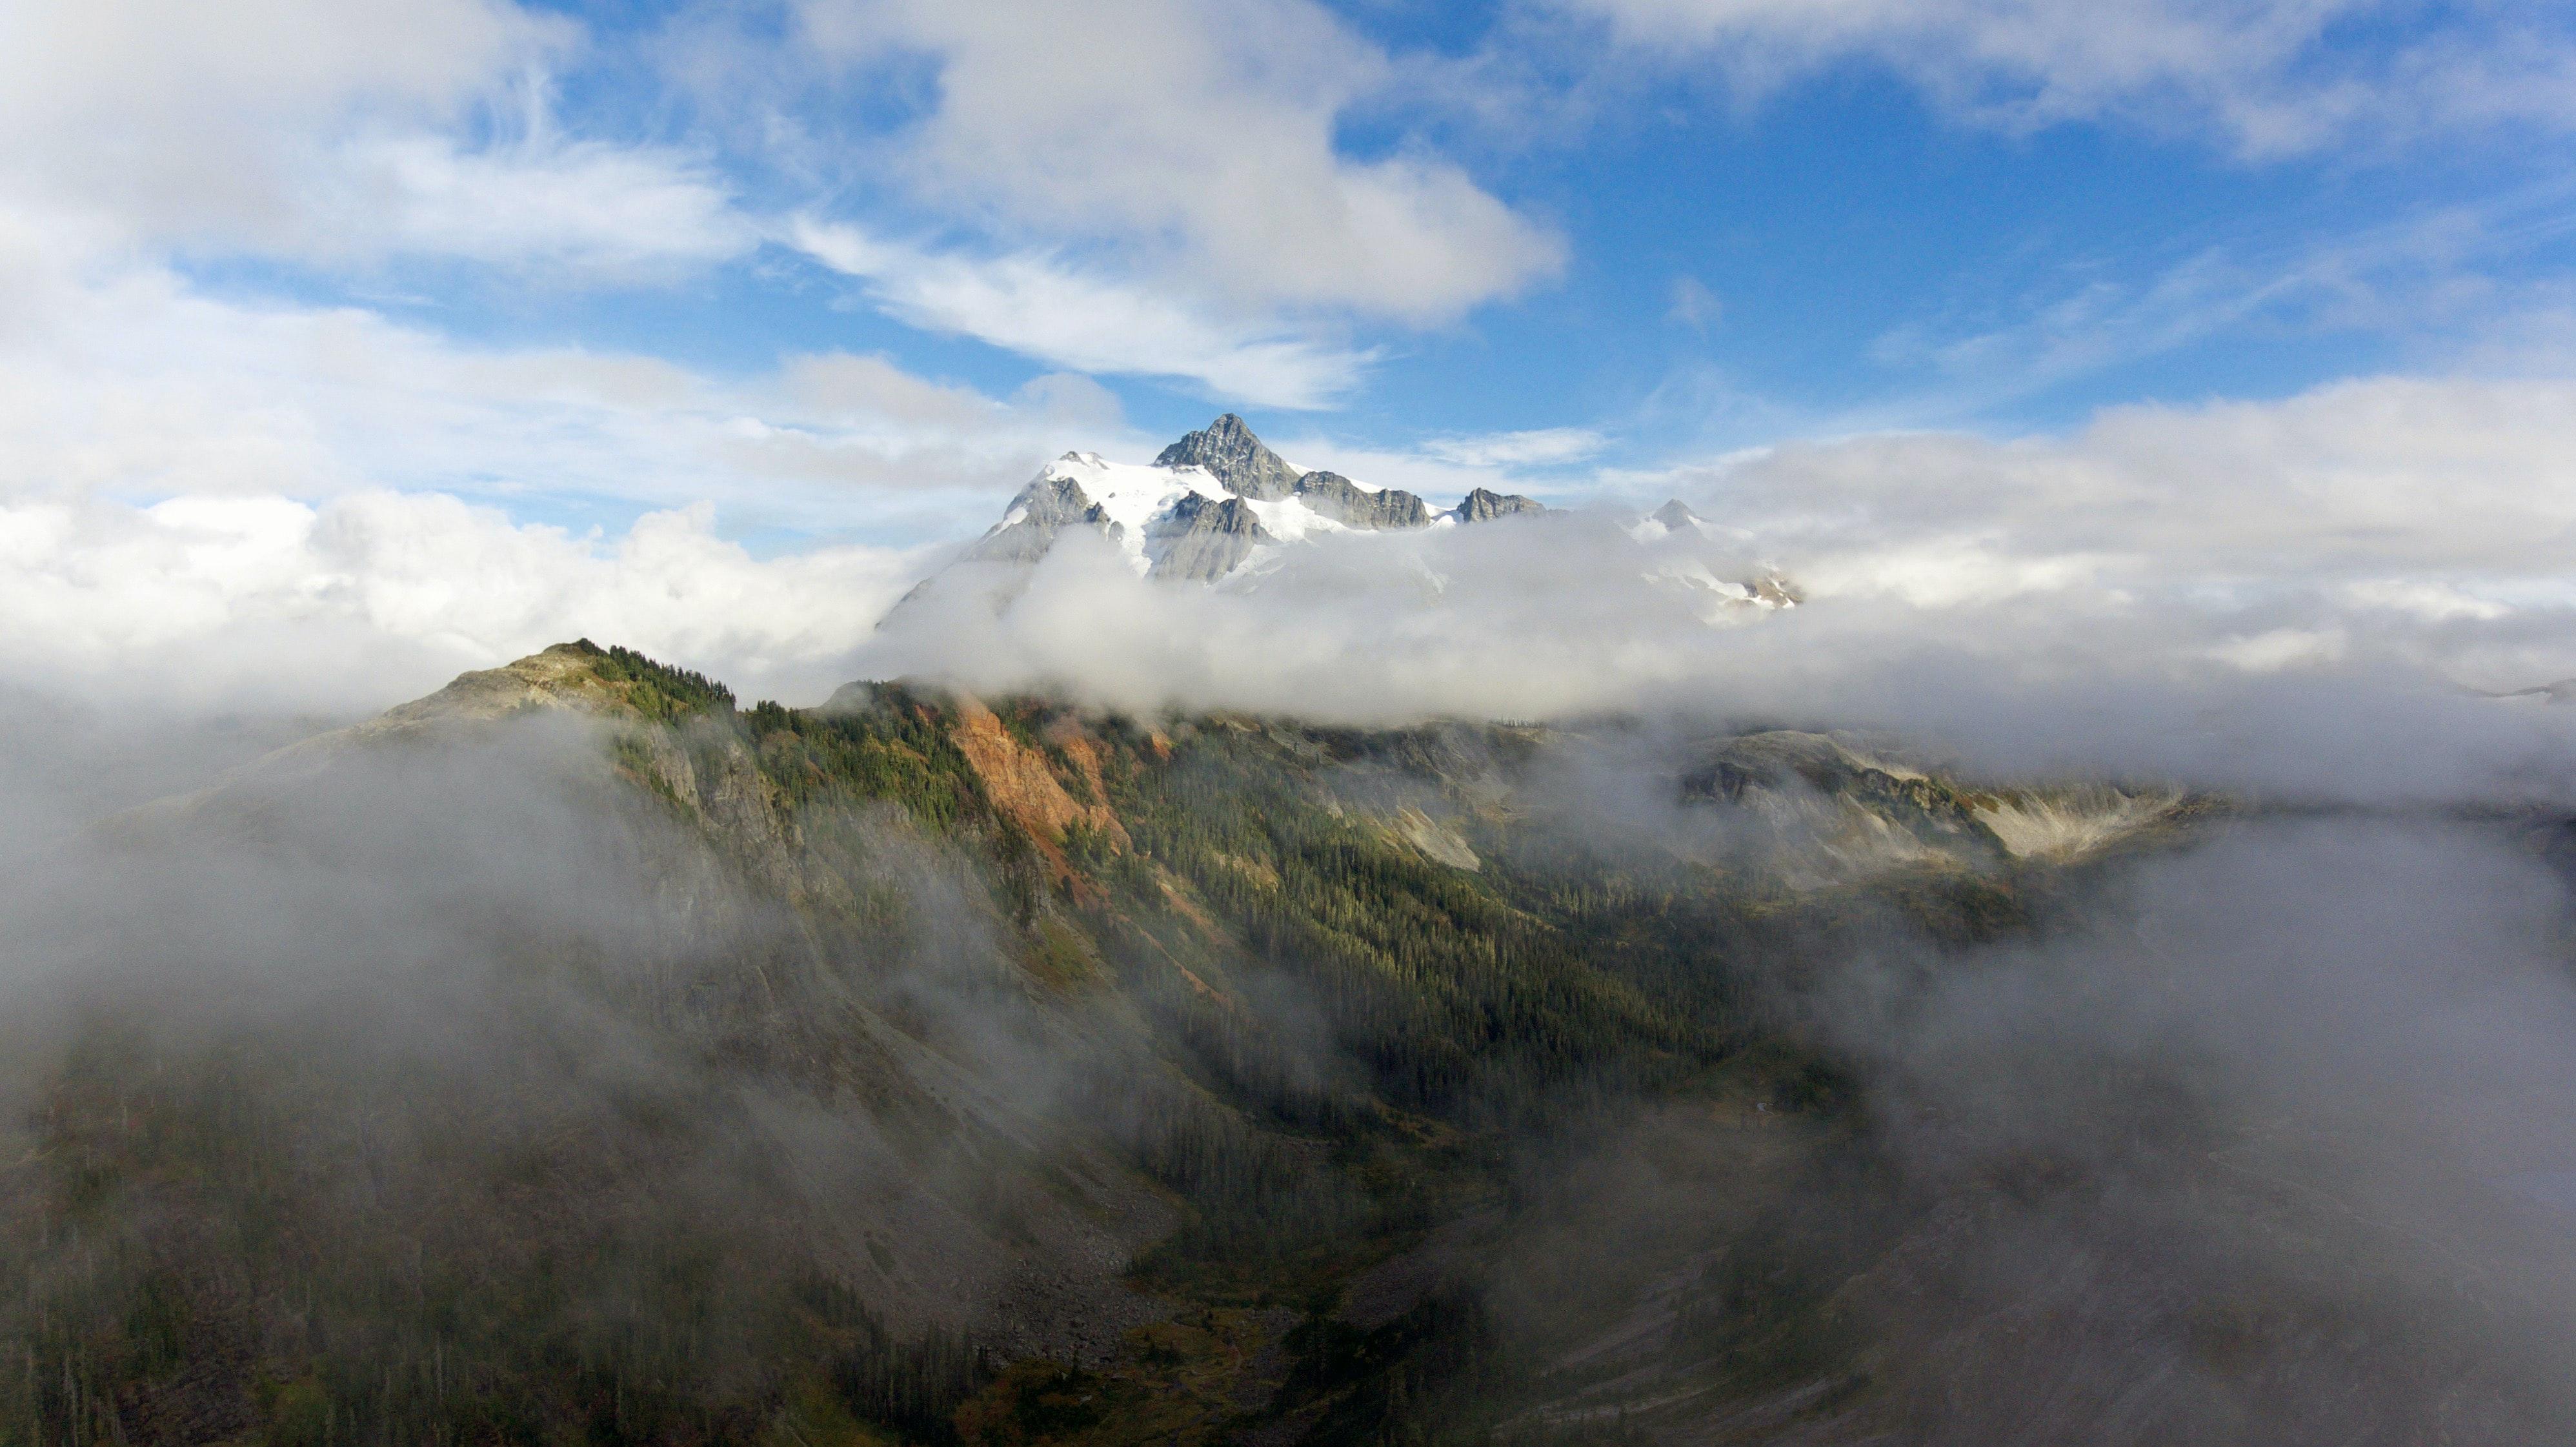 Smoky mountain top